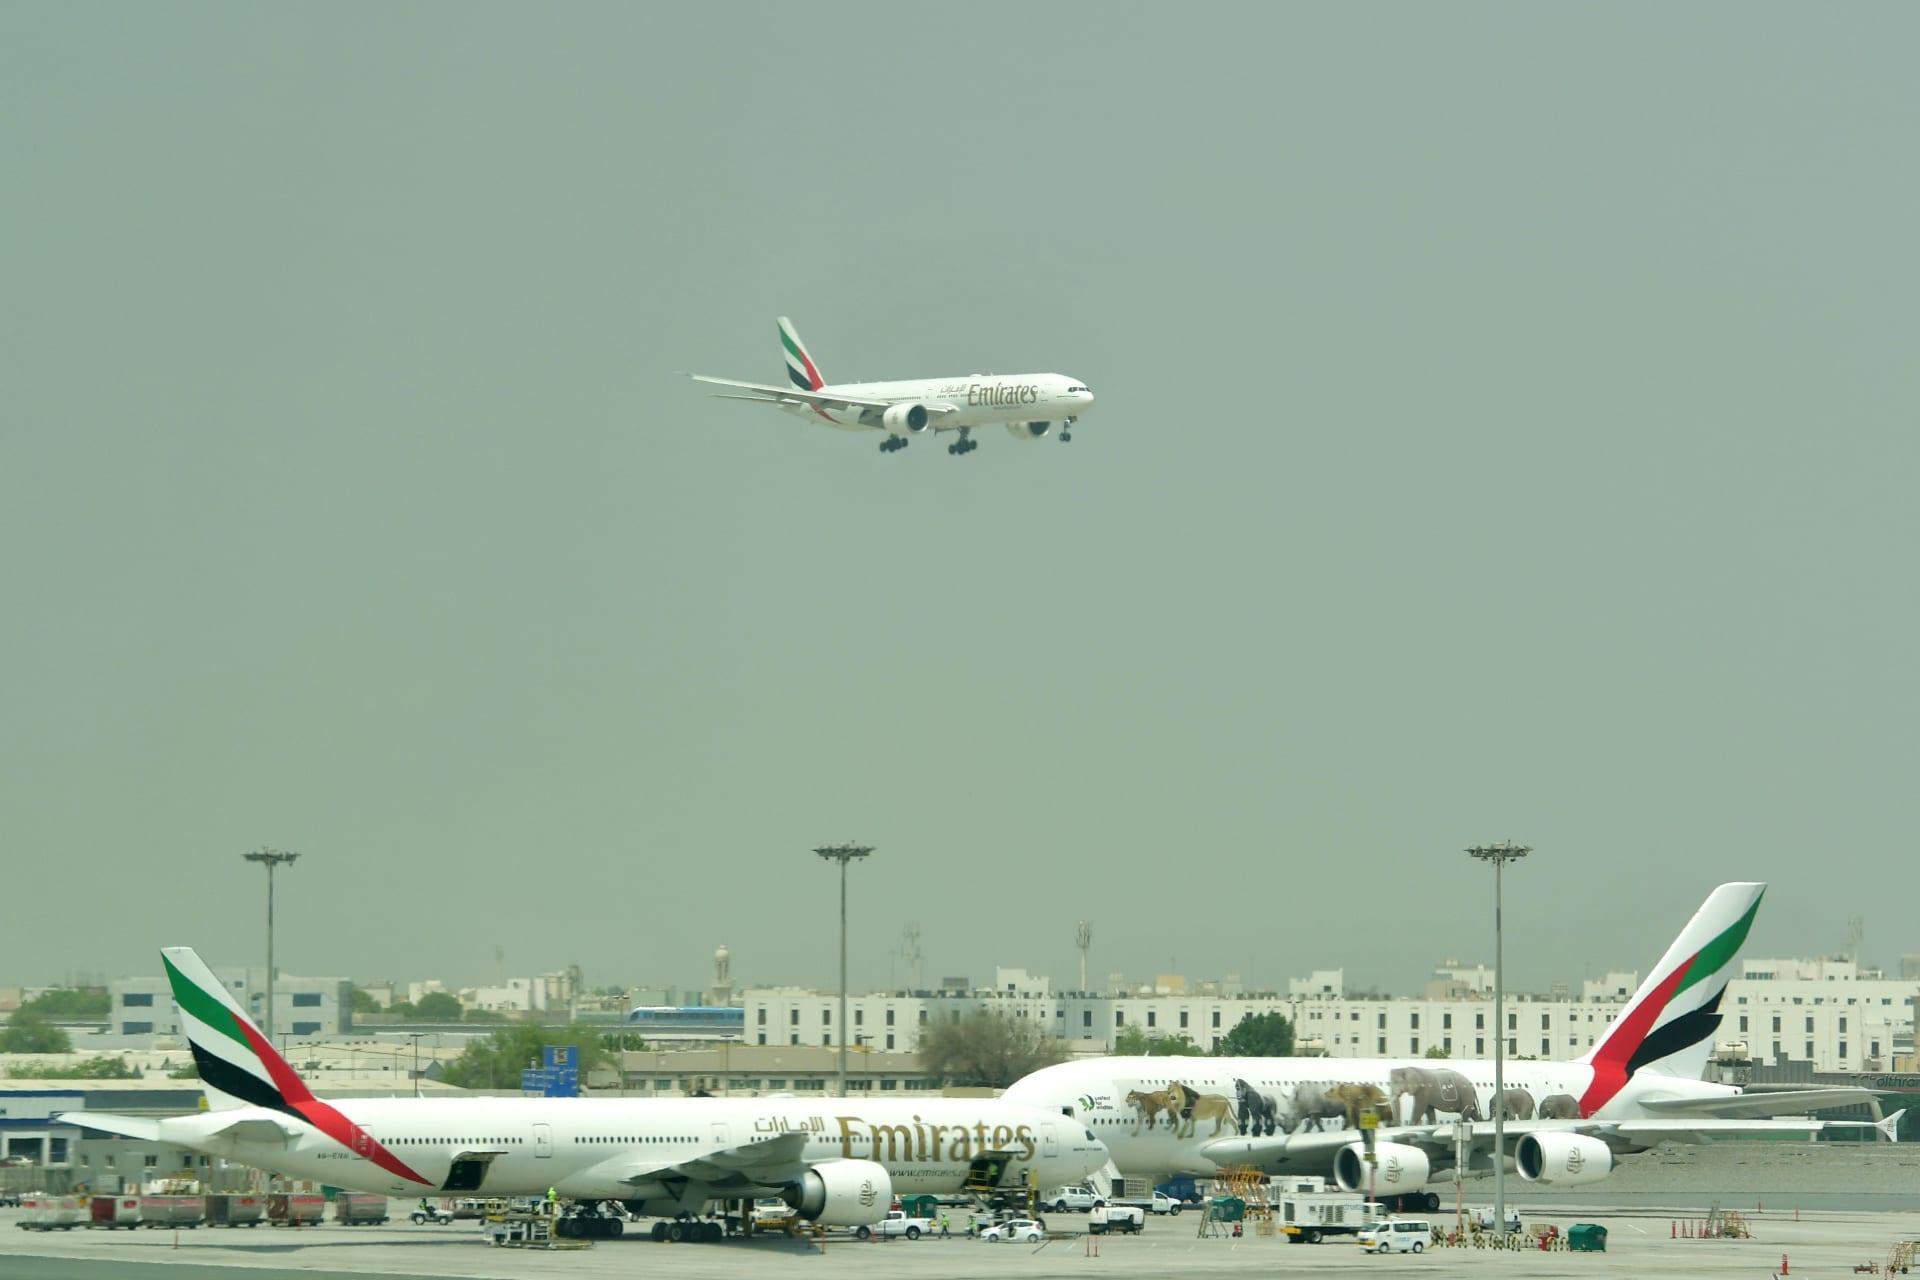 حكومة دبي: عمليات مطار دبي مستمرة بعد تأخير بسيط بسبب حادث طائرة صغيرة